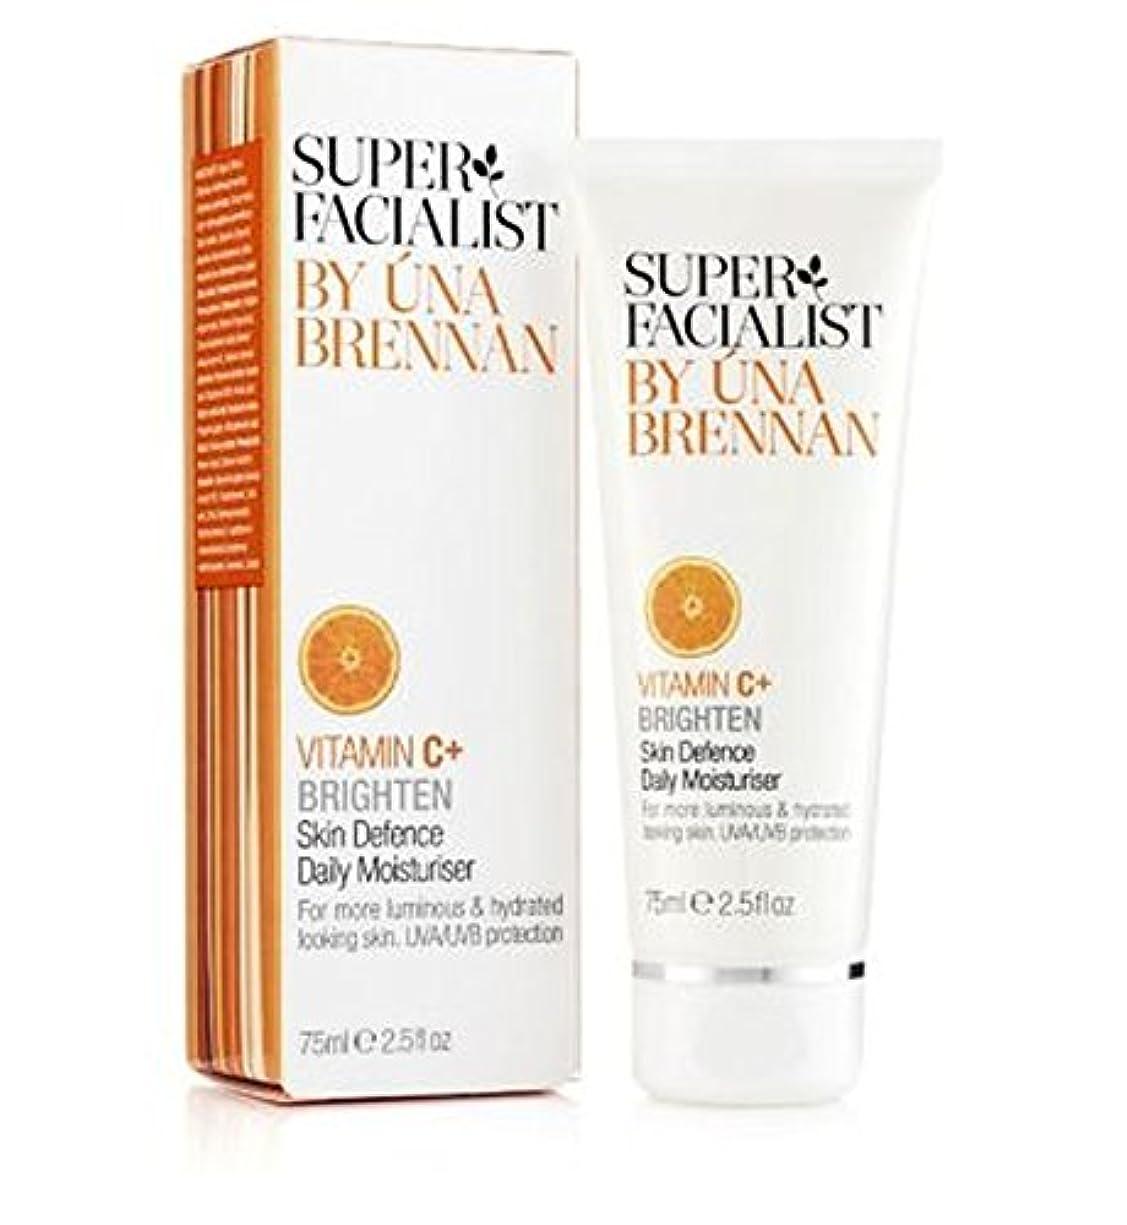 ずっとブースクローゼットスーパーFacialistのビタミンC +皮膚の防衛毎日の保湿75ミリリットル (Superfacialist) (x2) - Super Facialist Vitamin C+ Skin Defence Daily Moisturiser 75ml (Pack of 2) [並行輸入品]